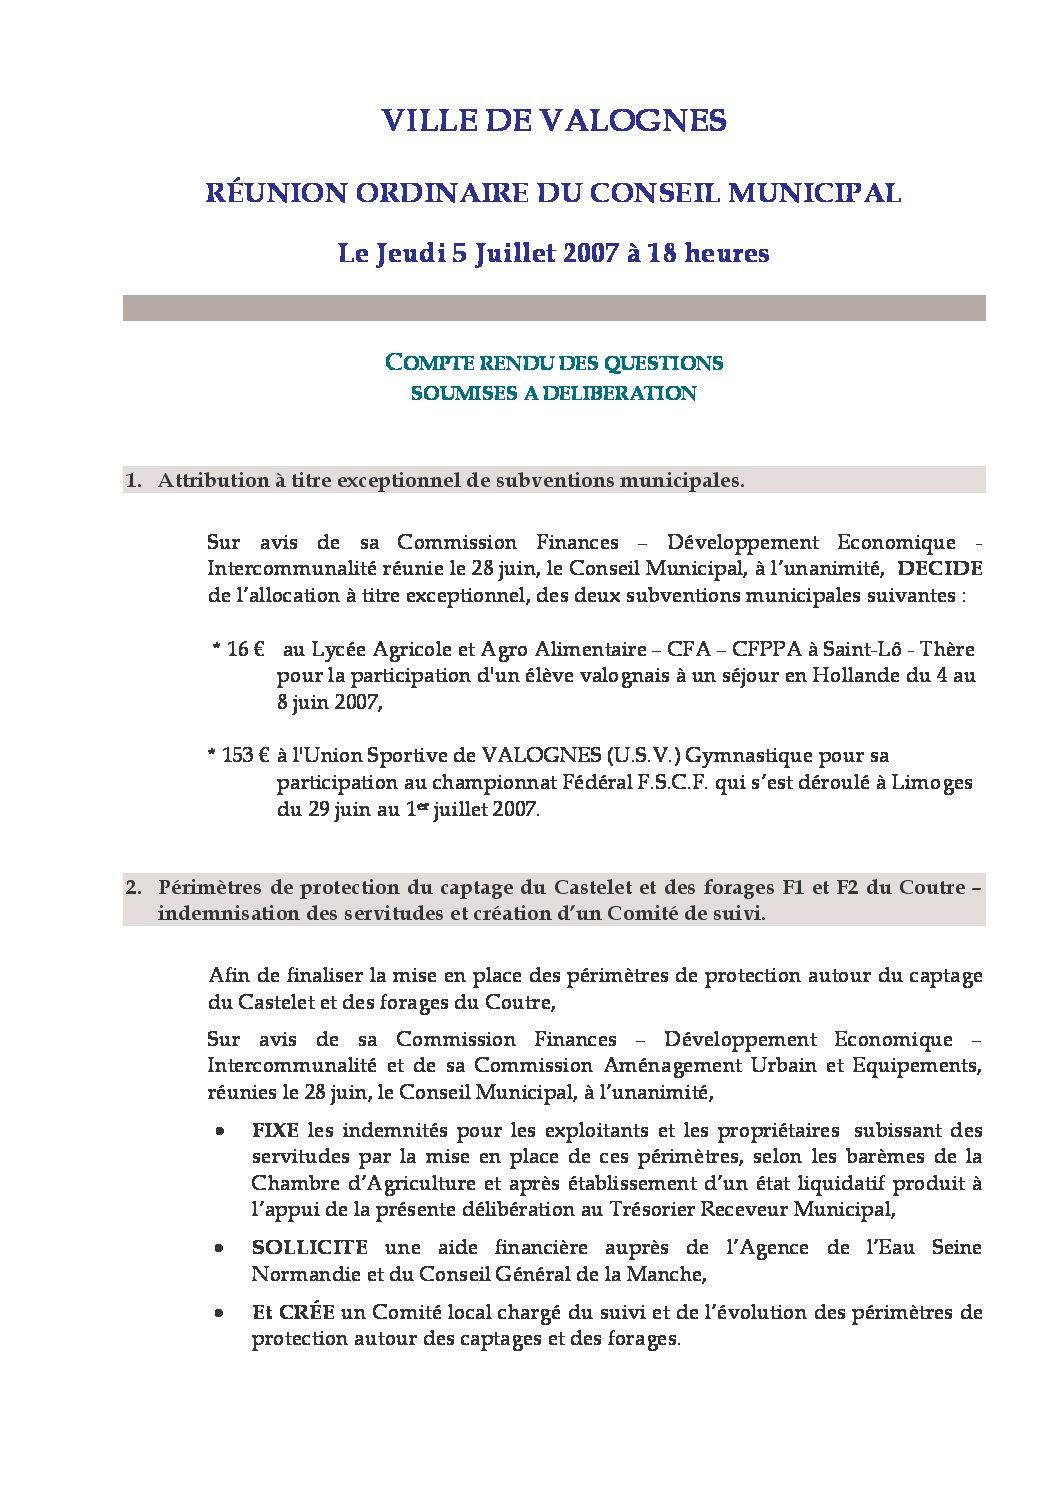 Extrait du registre des délibérations du 05-07-2007 - Compte rendu des questions soumises à délibération lors de la séance du Conseil Municipal du 5 juillet 2007.